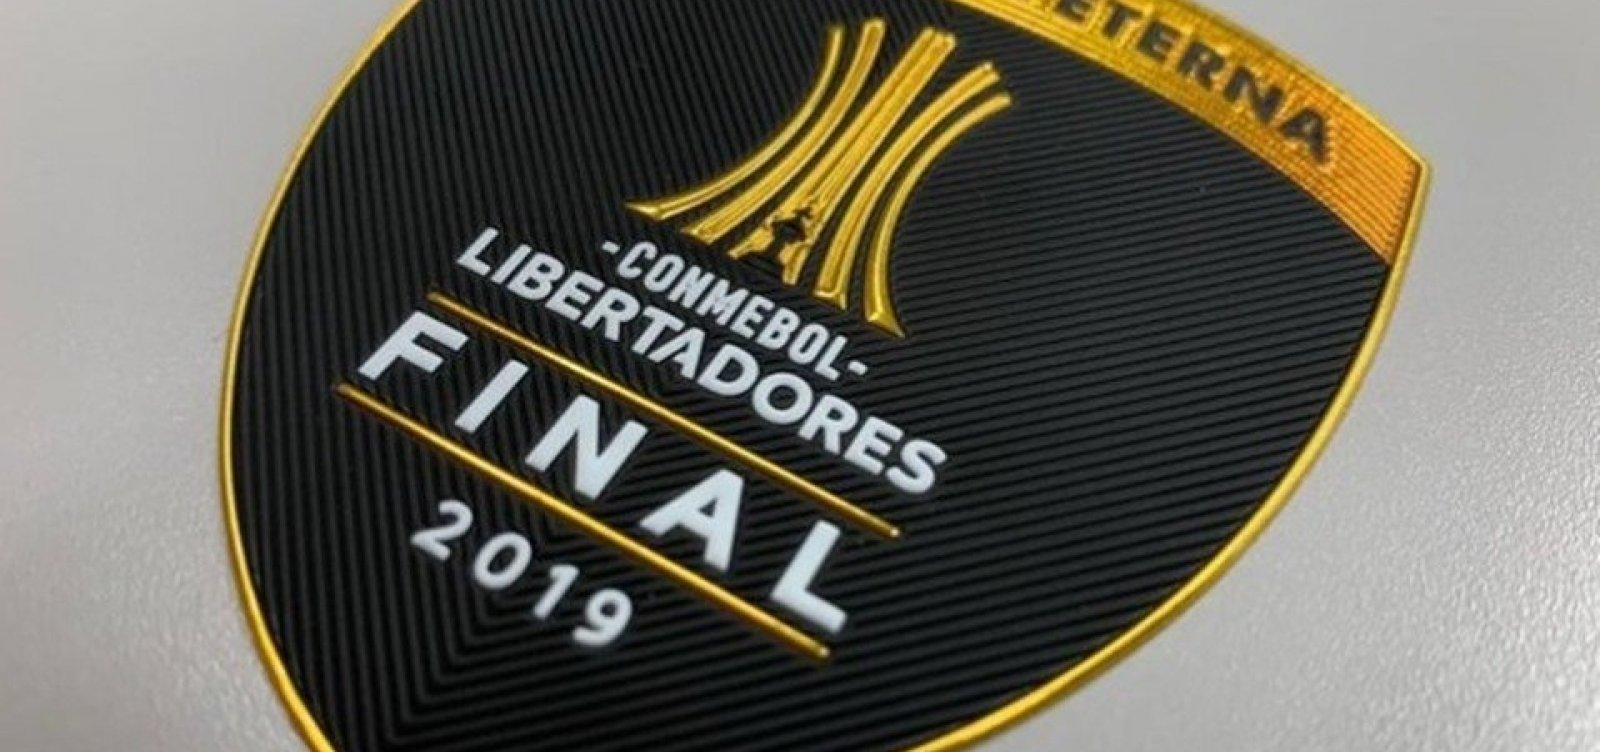 [Após mudança para Lima, valor de ingressos para final da Libertadores será devolvido]